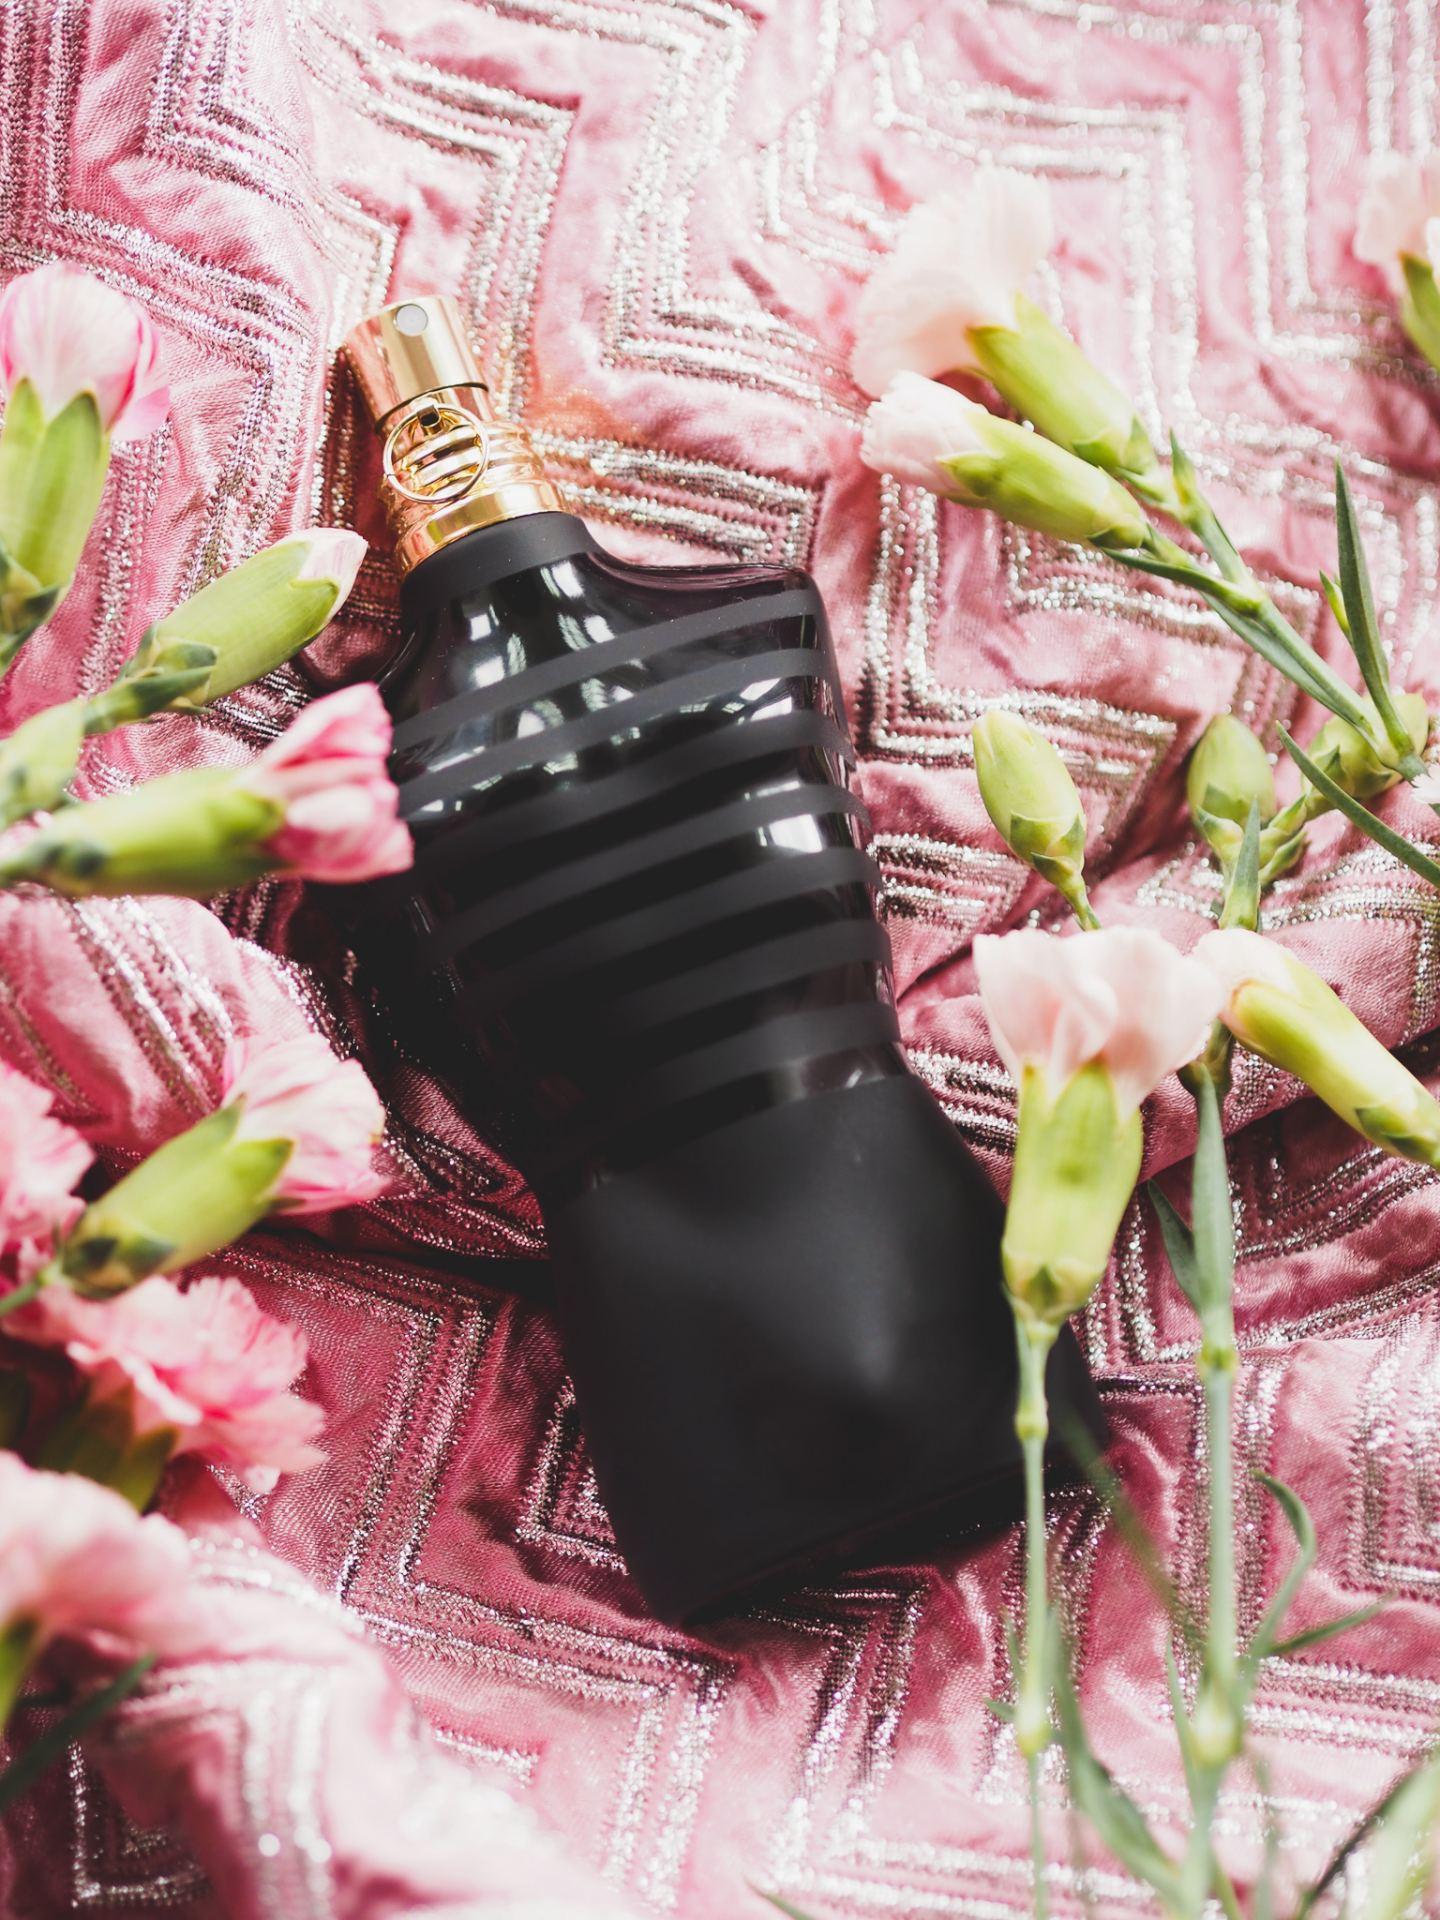 jean paul gaultier le male le parfum intense review mens 2020